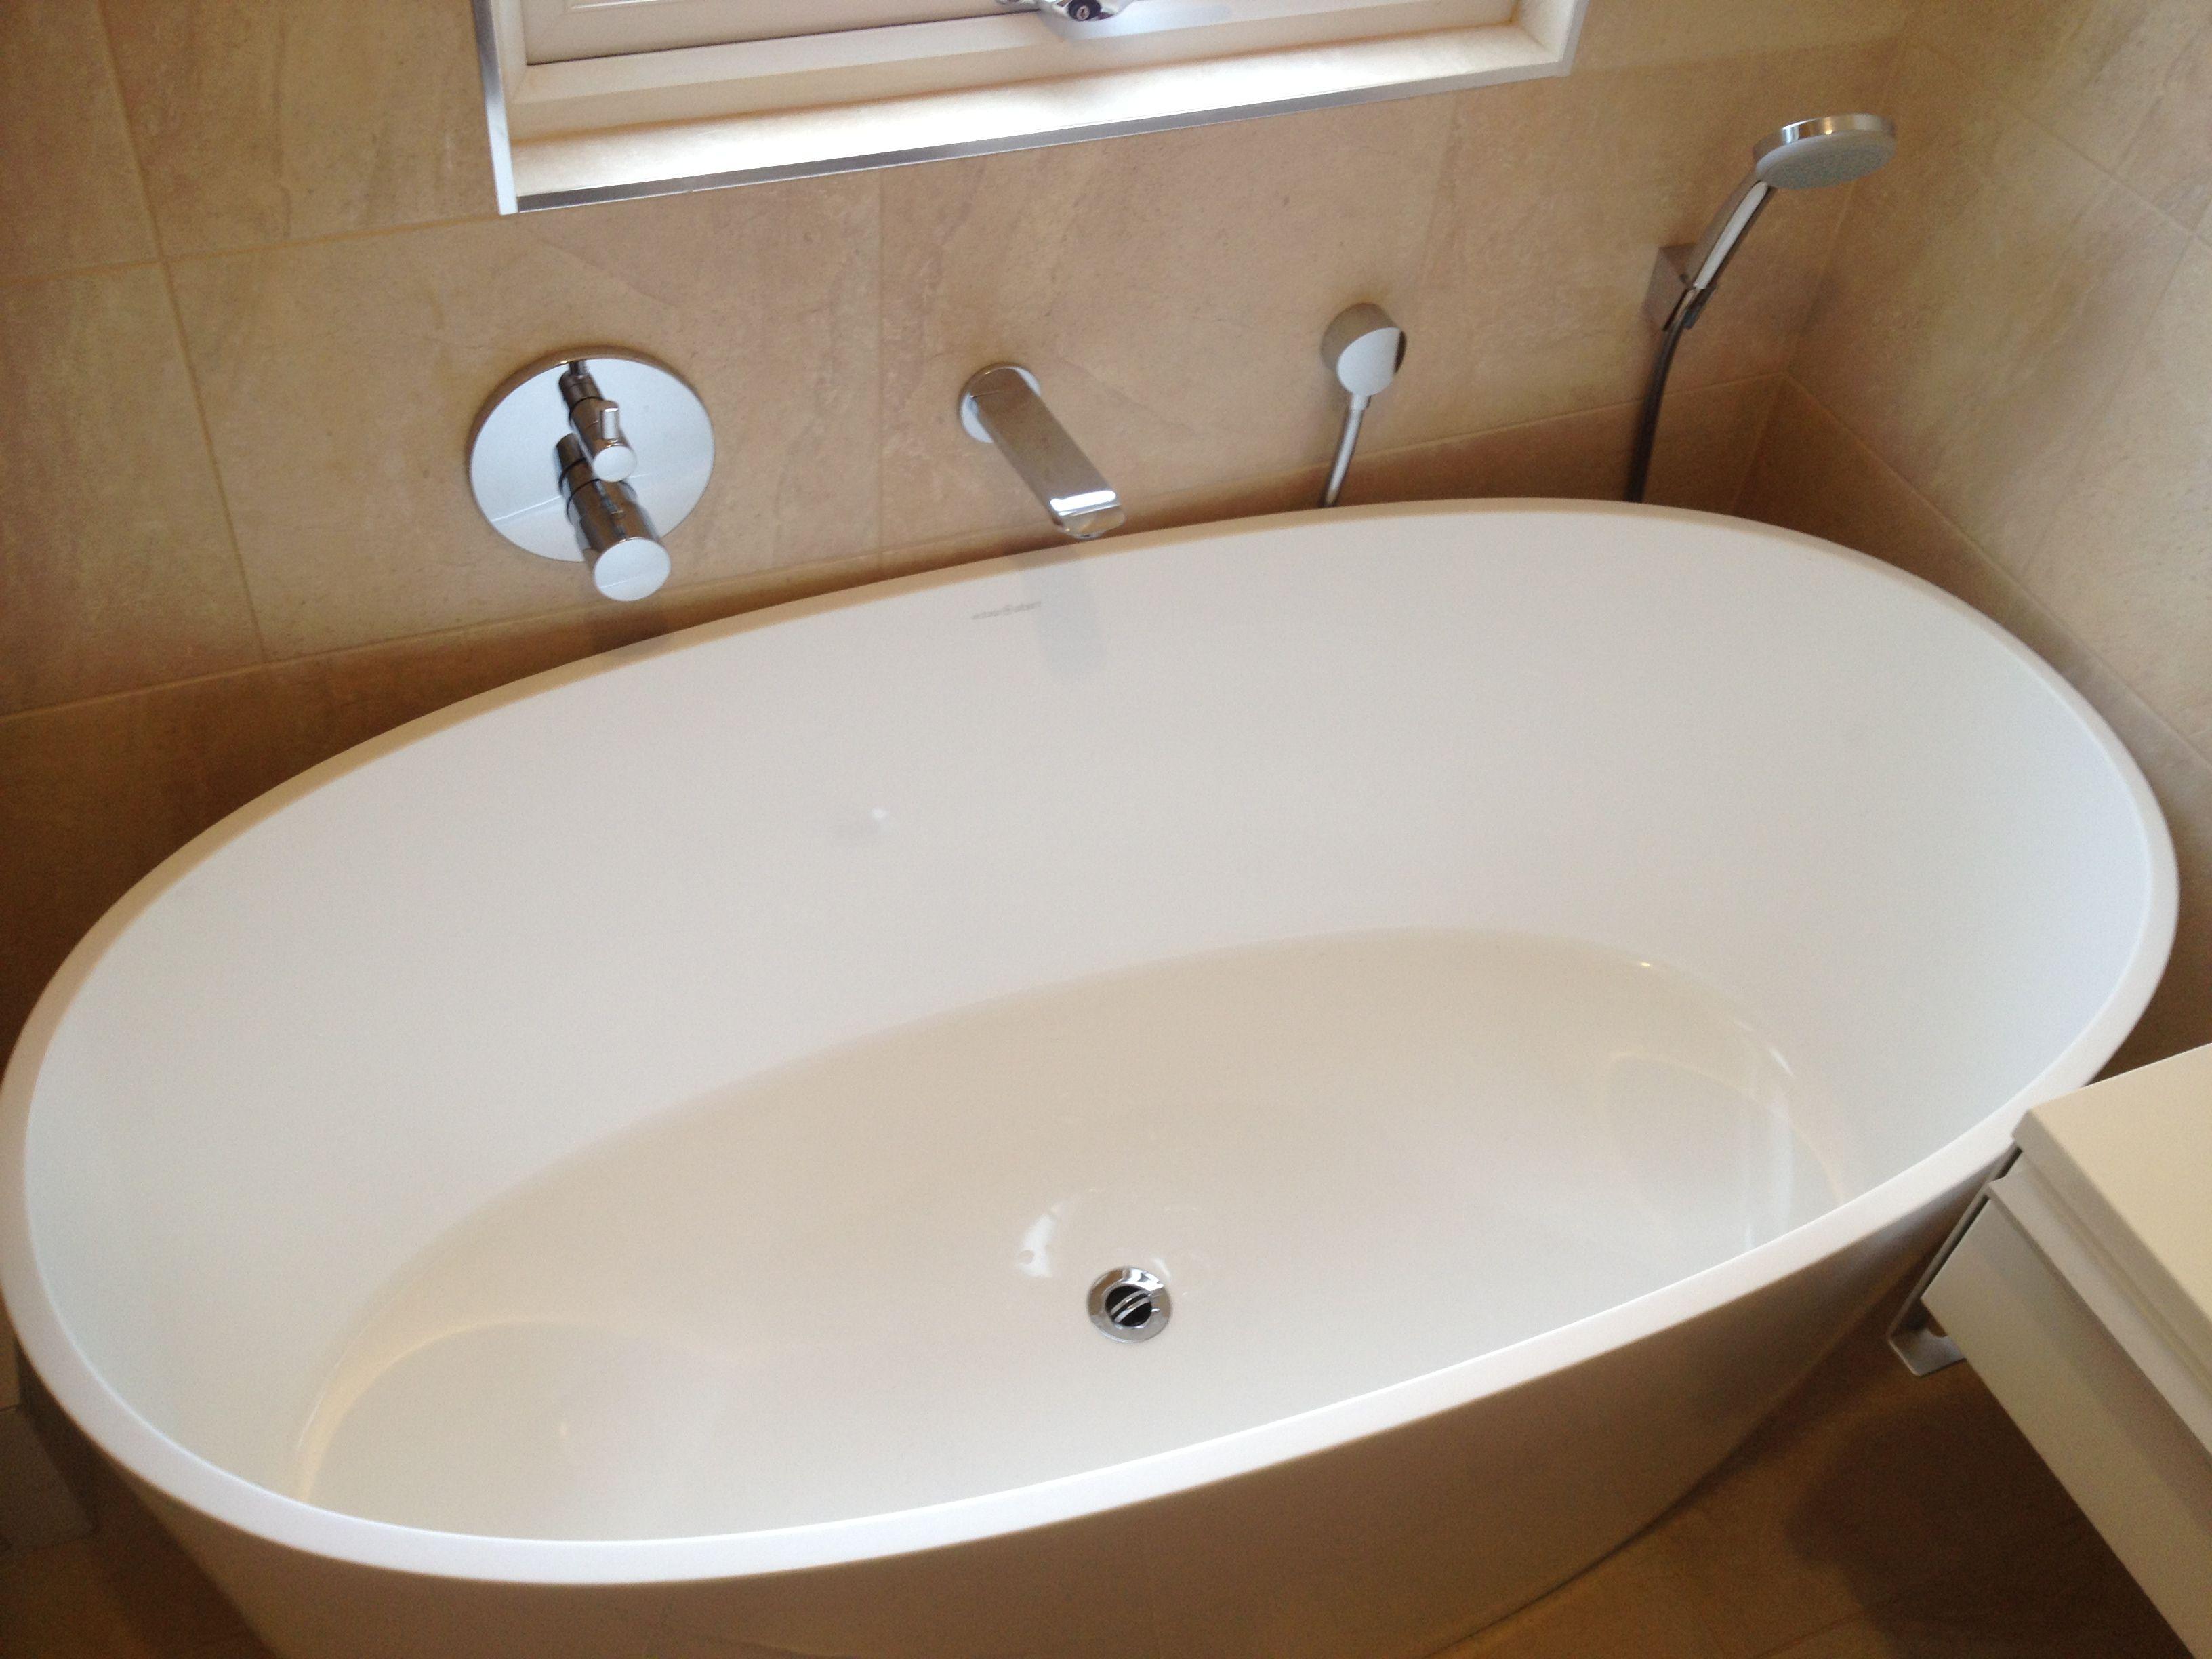 Badezimmerarmaturen Test ~ 20 besten geberit monolith bilder auf pinterest badezimmer gast